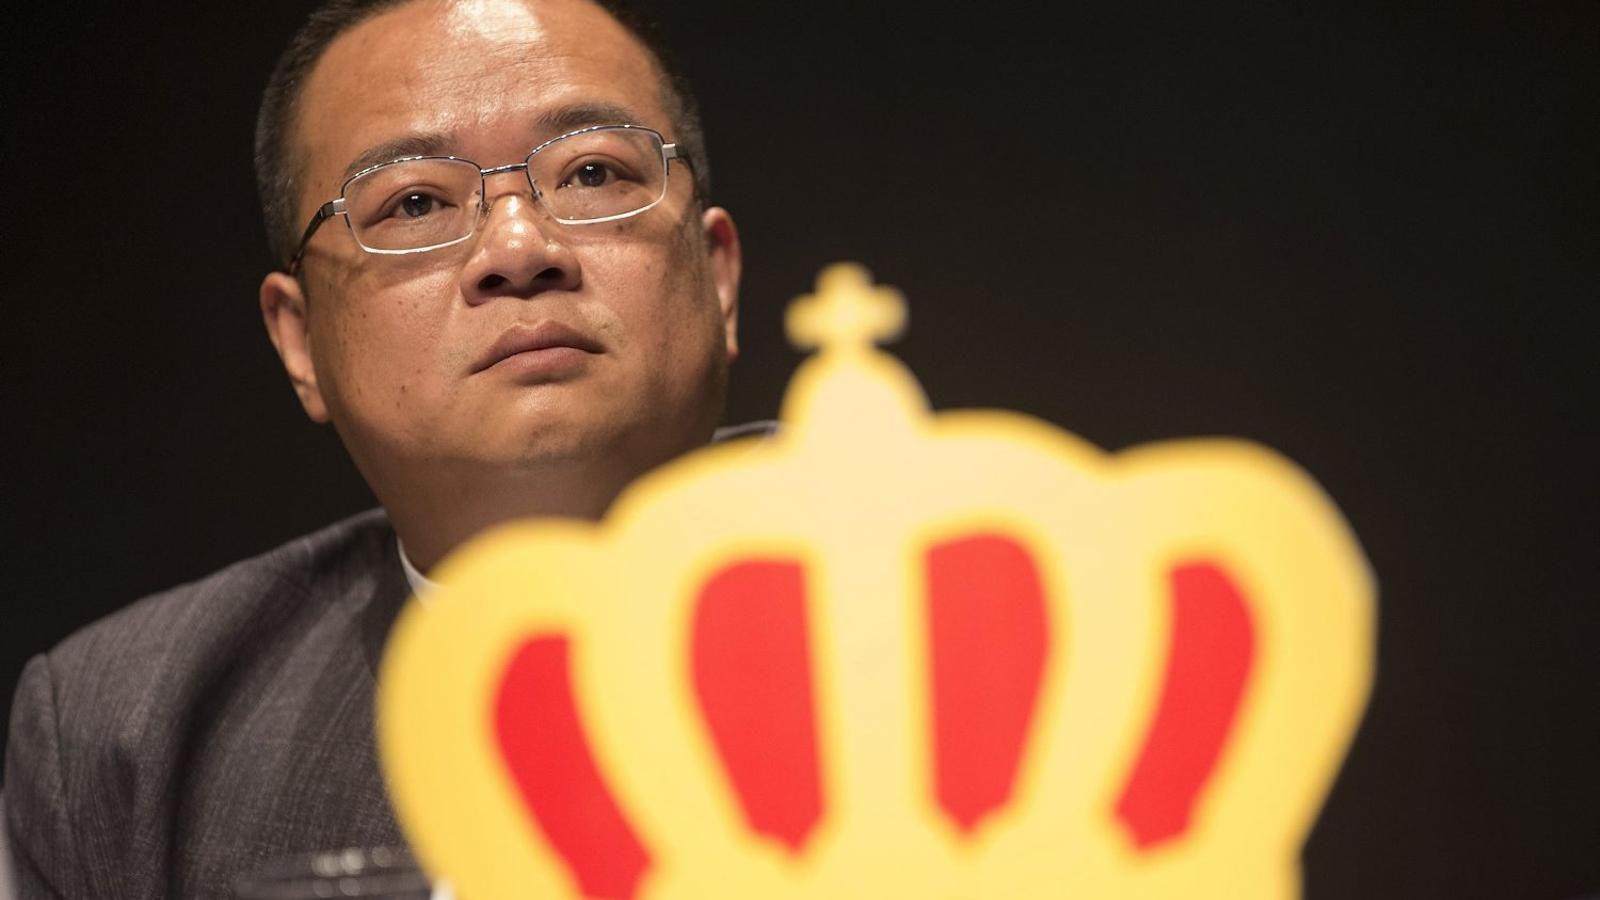 El president de l'Espanyol, Chen Yansheng, a la junta extraordinària d'accionistes en què va confirmar l'ampliació de capital.